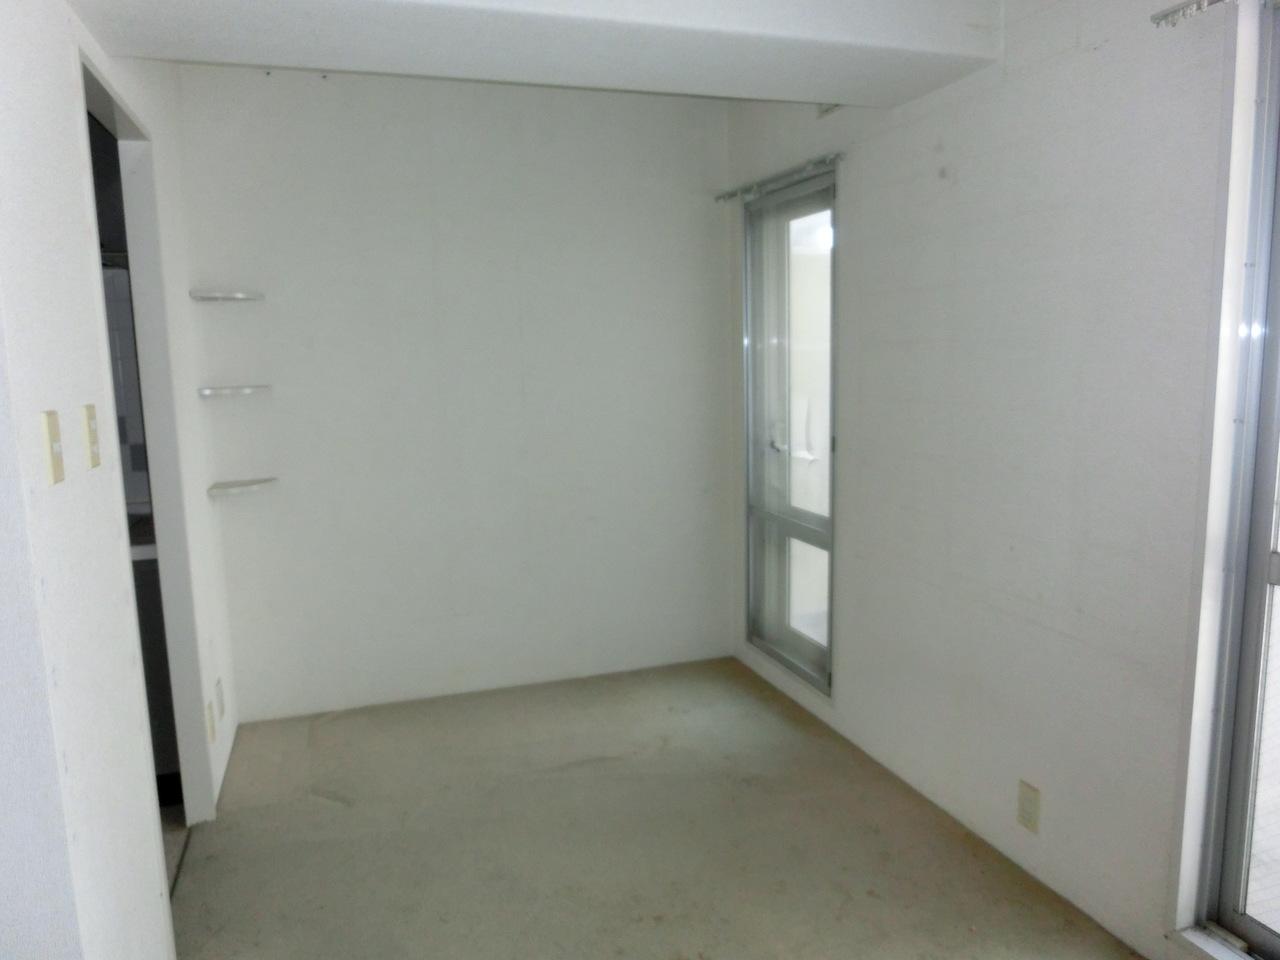 リビング奥の壁には棚が設置されております。